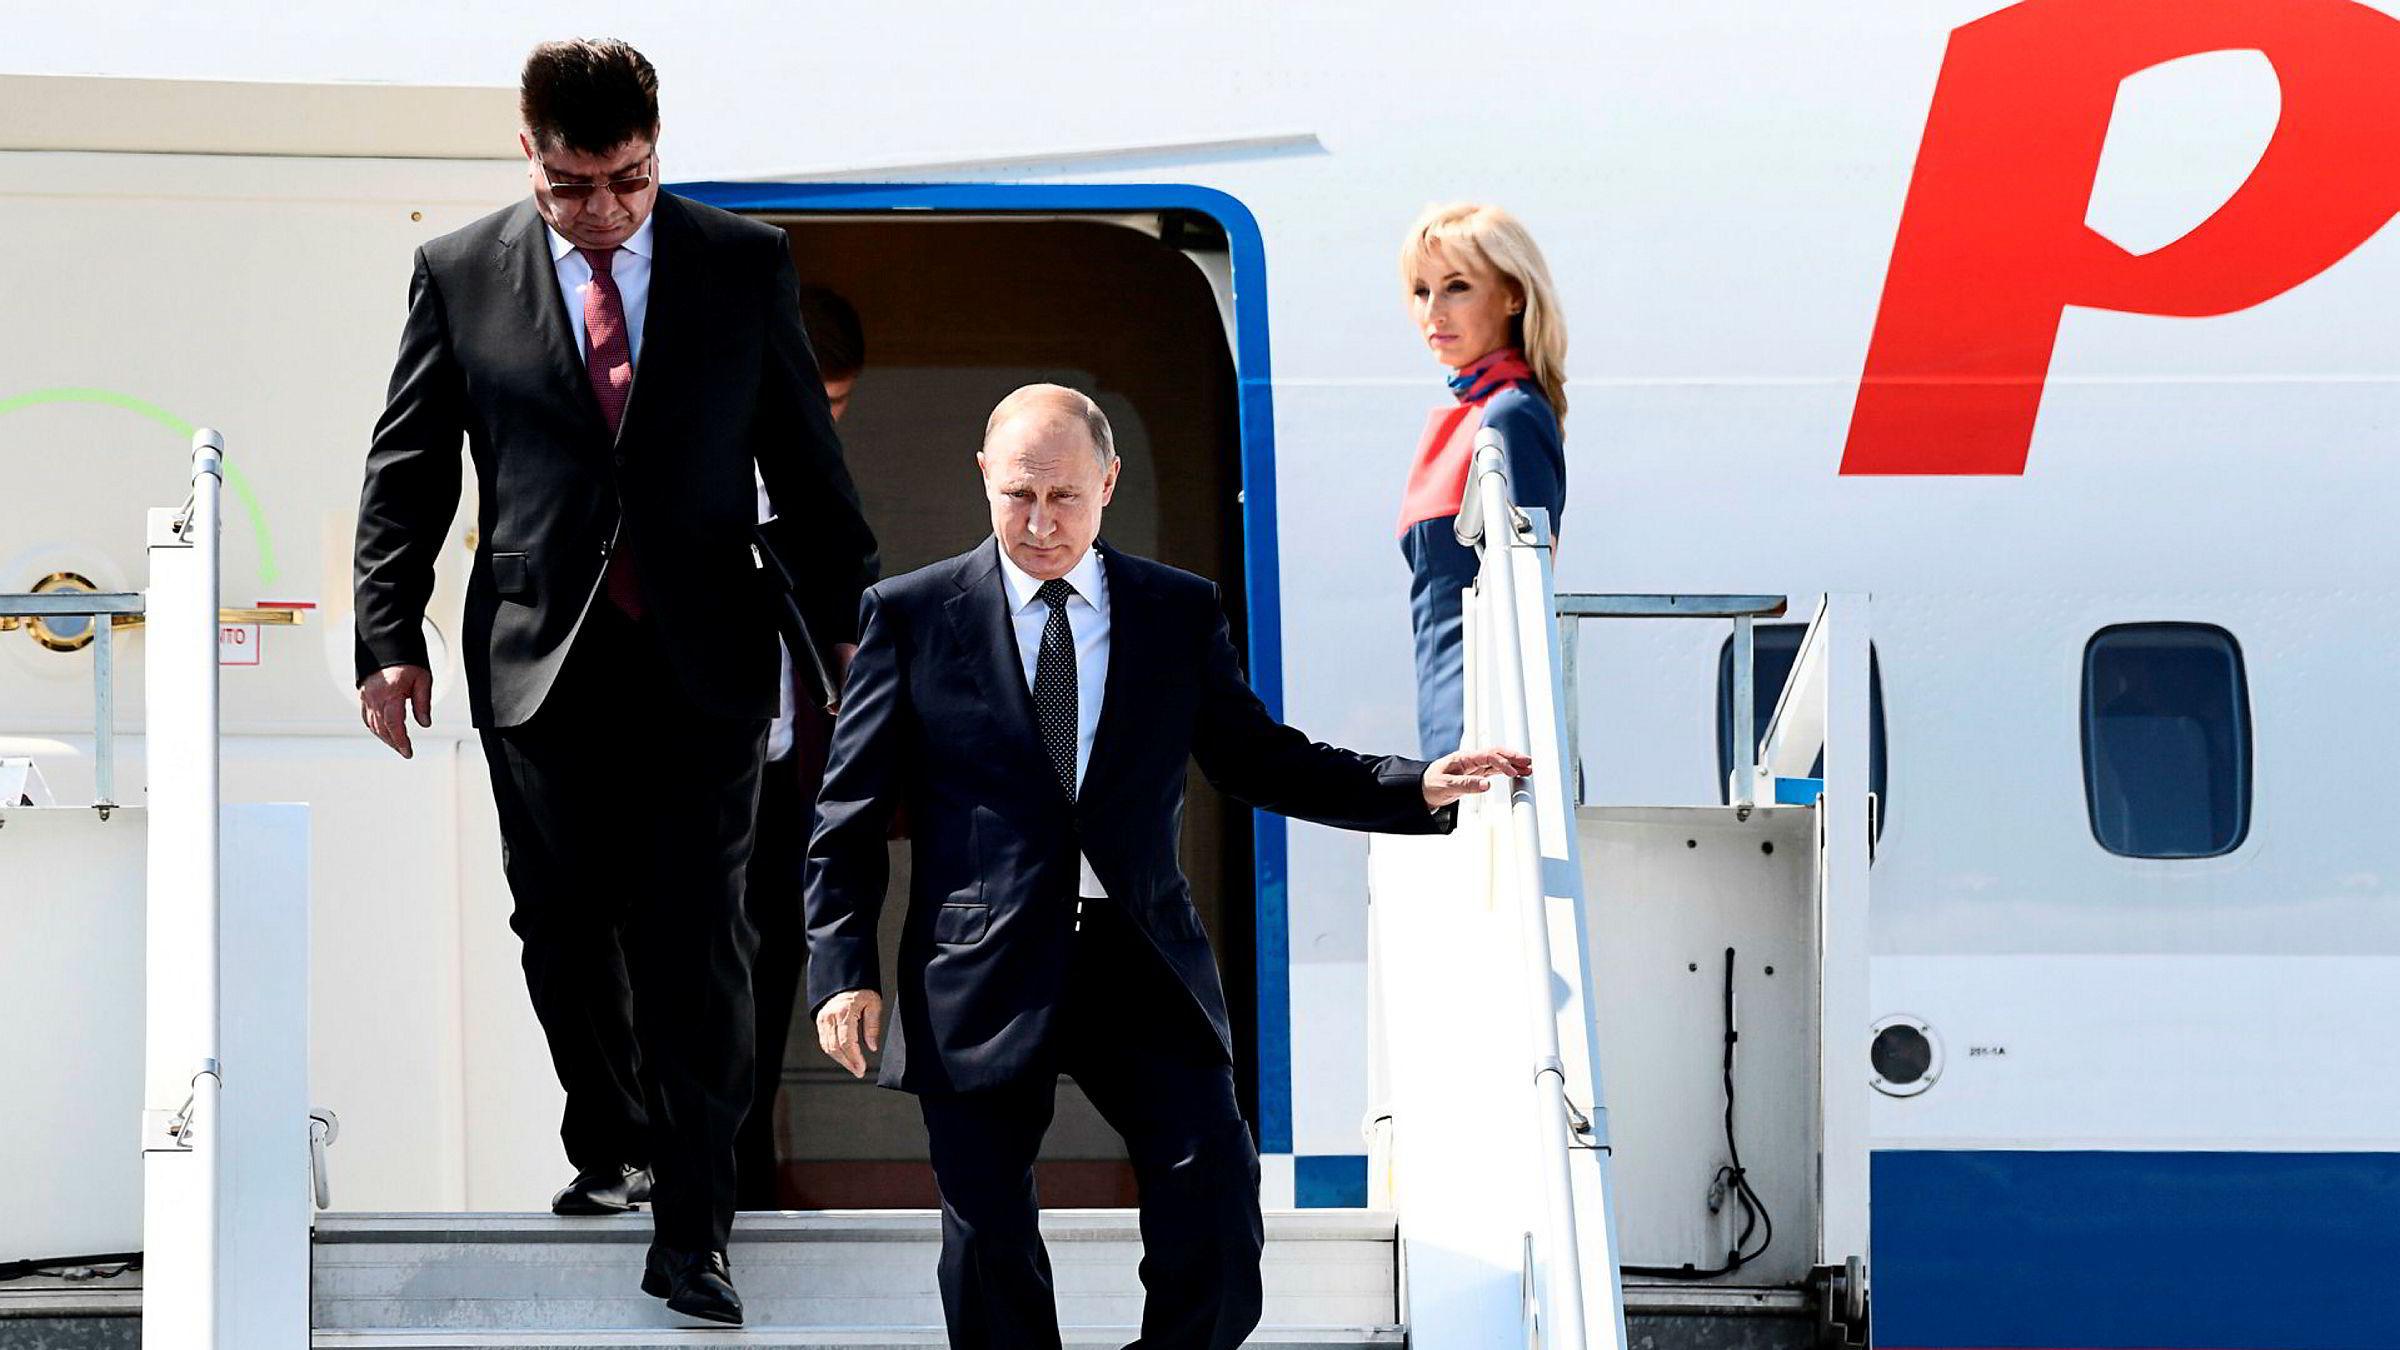 Russlands president Vladimir Putin vant en politisk seier i Finland, men nå venter økonomisk svie.